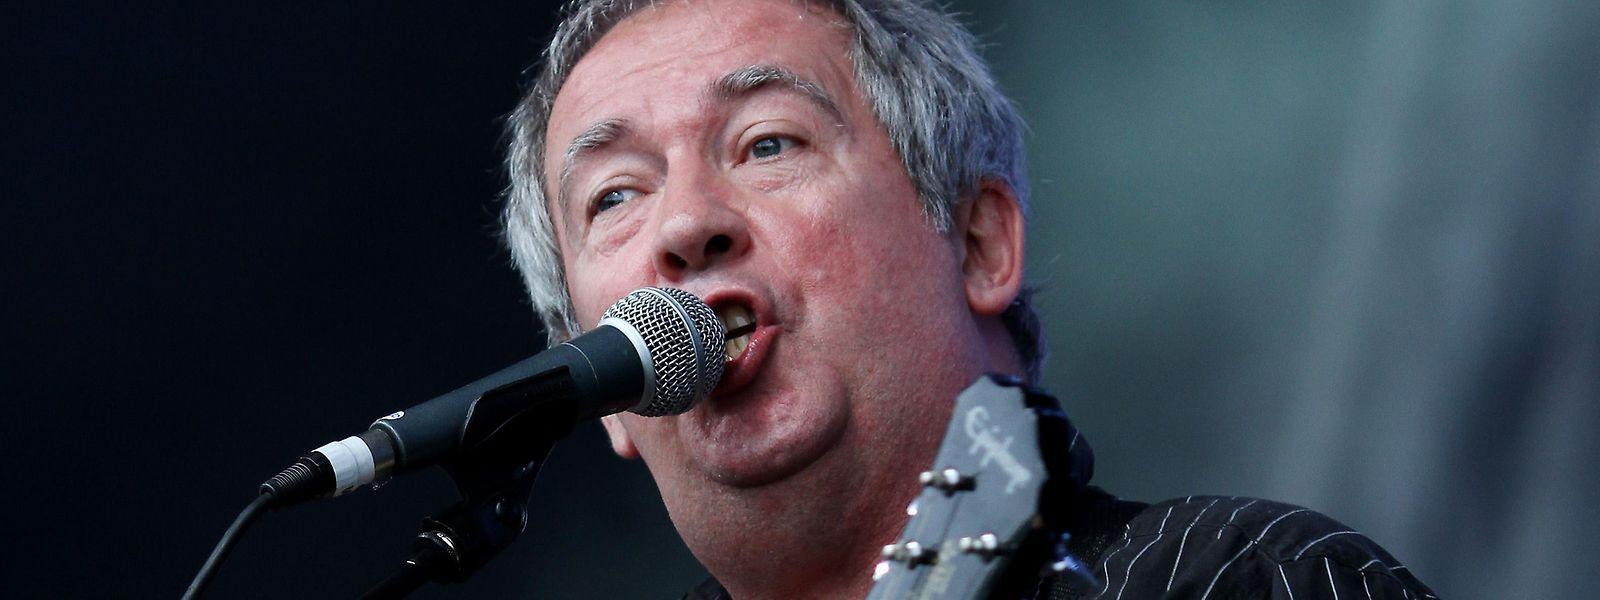 Pete Shelley, Frontman und Mitbegründer der britischen Punkband Buzzcocks, ist am Donnerstag im Alter von 63 Jahren gestorben.